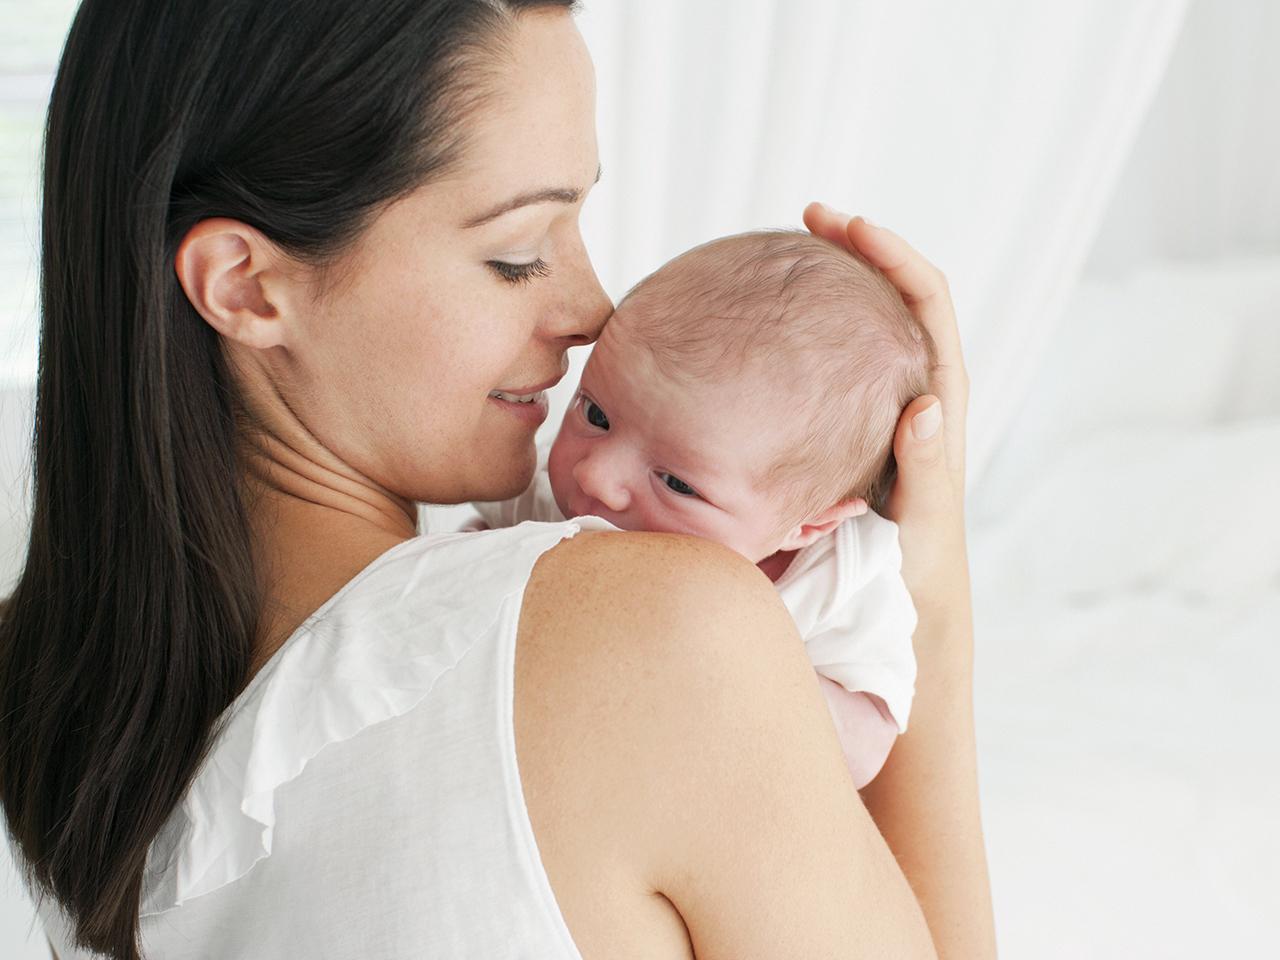 Ghế massage toàn thân không dành cho mẹ bỉm sữa mới sinh